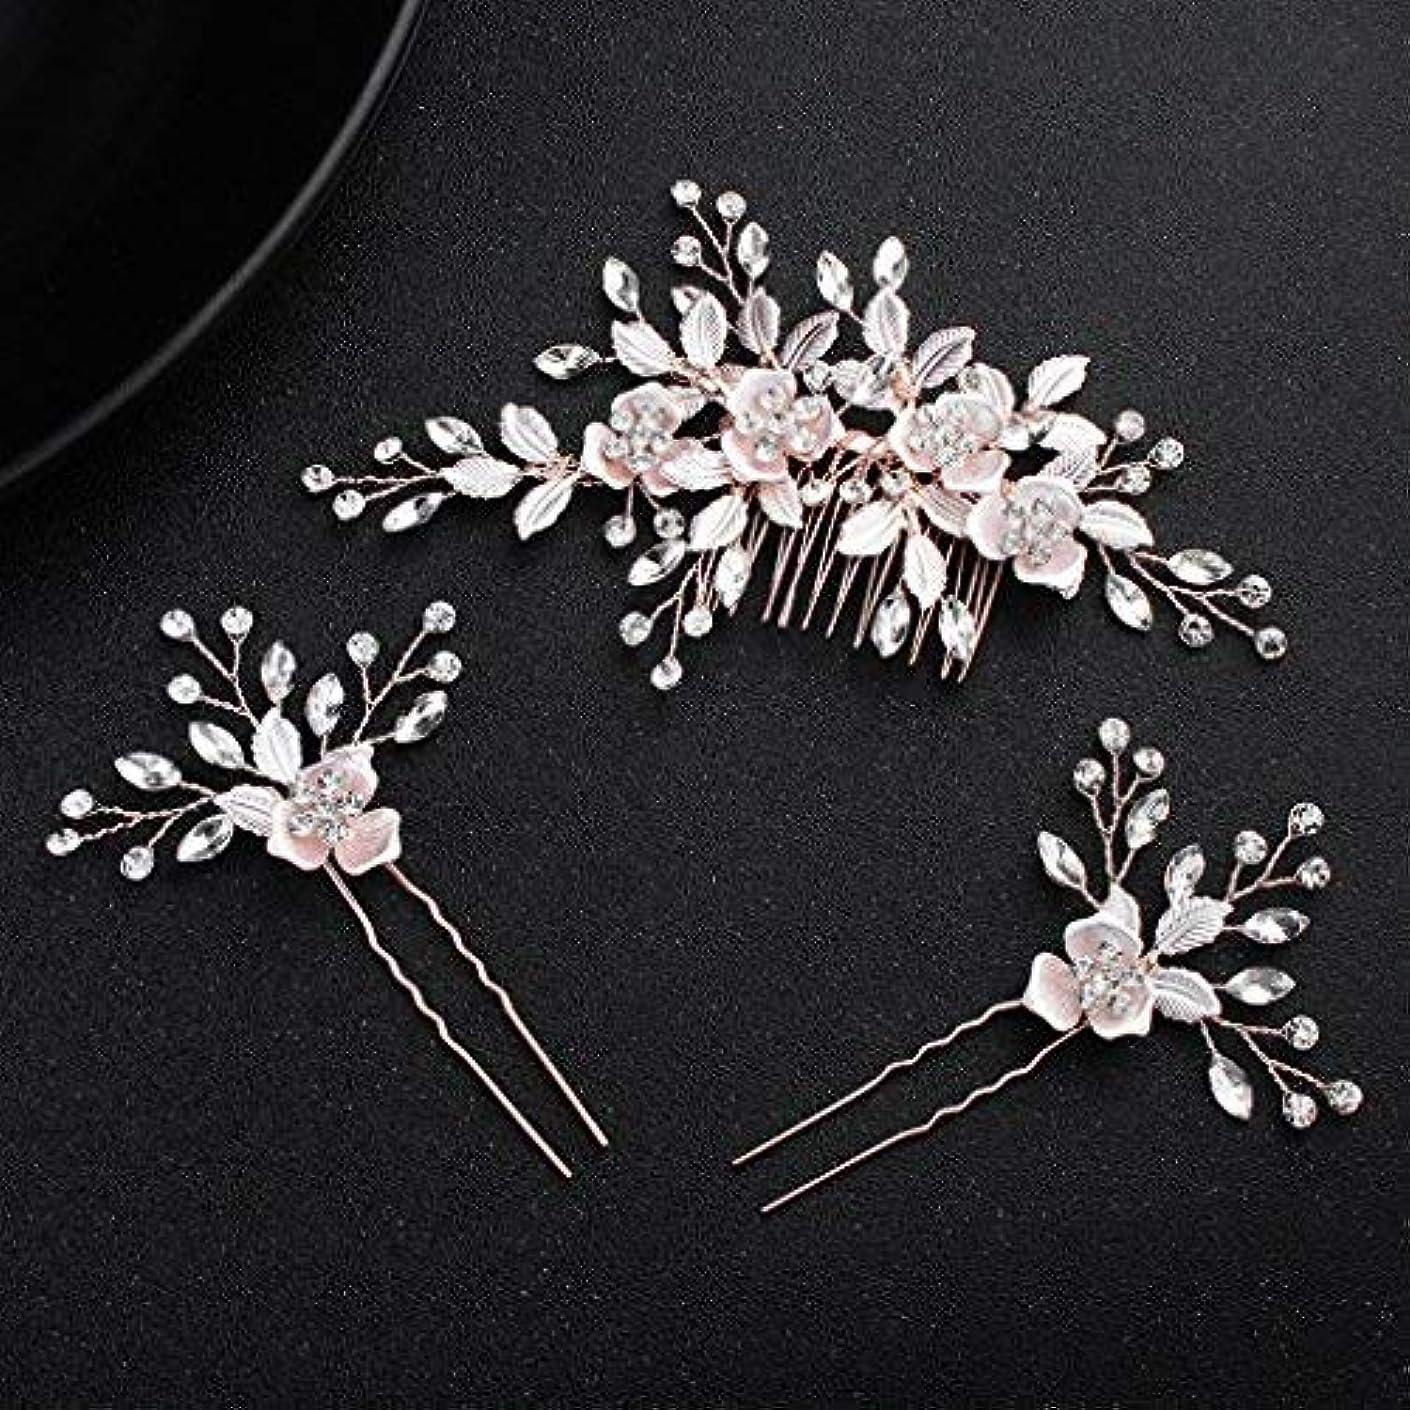 祝う滑りやすいガイドobqoo Crystal Flowers Style Colorful Leaves Metal Bridal Hair Comb with 2 pcs Pins Rose Gold [並行輸入品]